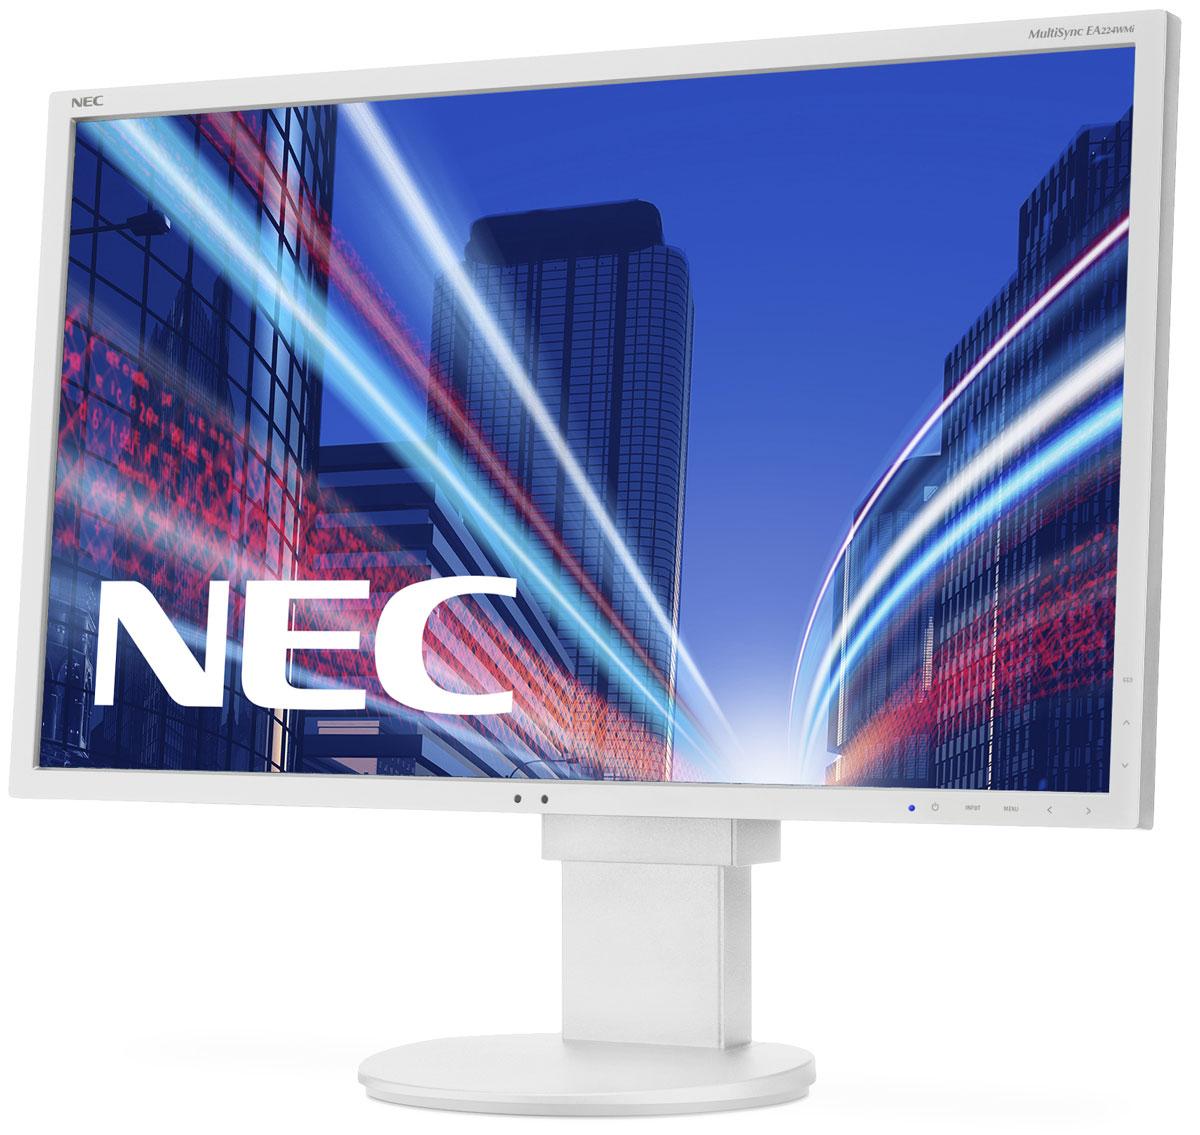 NEC EA224WMi, White мониторEA224WMIМодель EA224WMi от NEC MultiSync обладает очень тонкой панелью со светодиодной подсветкой и IPS-технологией, что обеспечивает ультрасовременный и ультратонкий дизайн в сочетании с характеристиками, идеальными для корпоративного офисного использования. Датчик рассеянного света и датчик присутствия являются стандартными характеристиками данной модели, кроме того, модель обладает улучшенными эргономическими характеристиками, например, механизмом регулирования высоты до 130 мм. Дисплей также располагает широкими возможностями соединения, 3 входами: DisplayPort, DVID и D-Sub. Благодаря превосходному качеству изображения IPS с широким углом обзора в формате экрана 16:9 данная модель обладает высоким уровнем эргономического комфорта.Датчик рассеянного света – благодаря функции автоматической яркости Auto Brightness всегда можно оптимизировать уровень яркости в зависимости от освещения и условий изображения.Датчик присутствия человека – определяет присутствие человека перед экраном и автоматически включает или выключает экран для экономии электроэнергии.